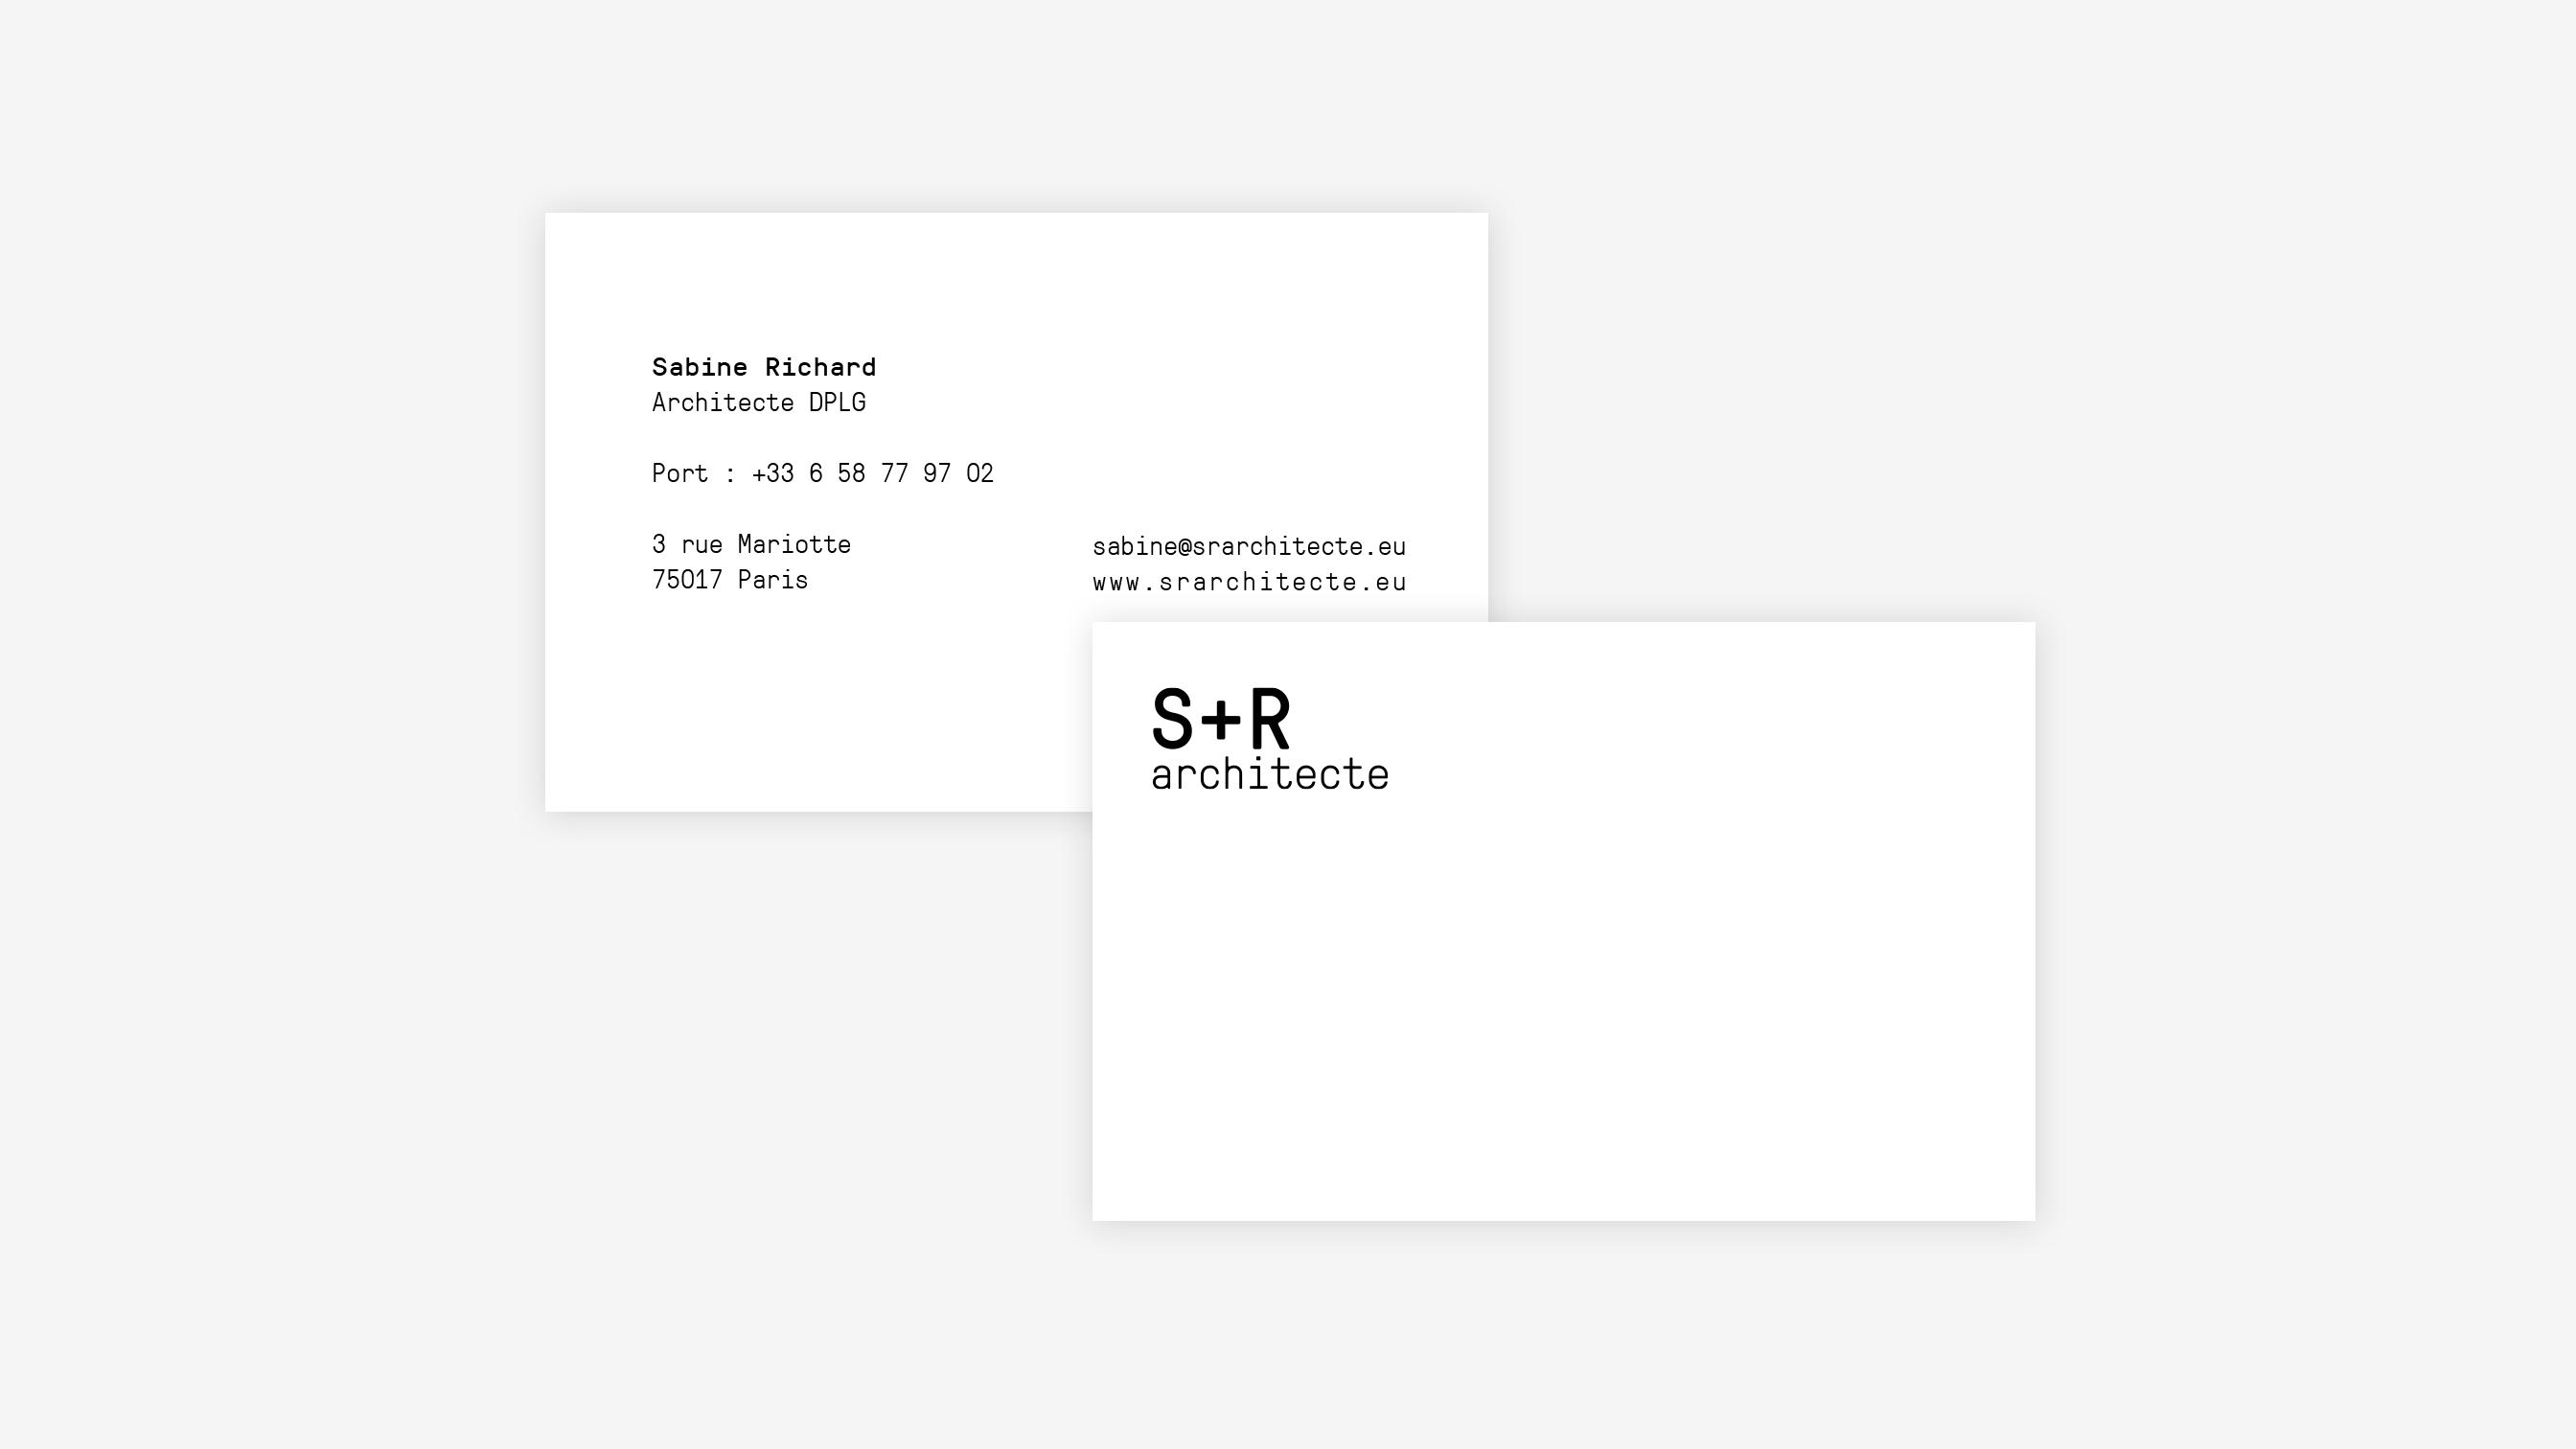 01-sr-architecte-supports